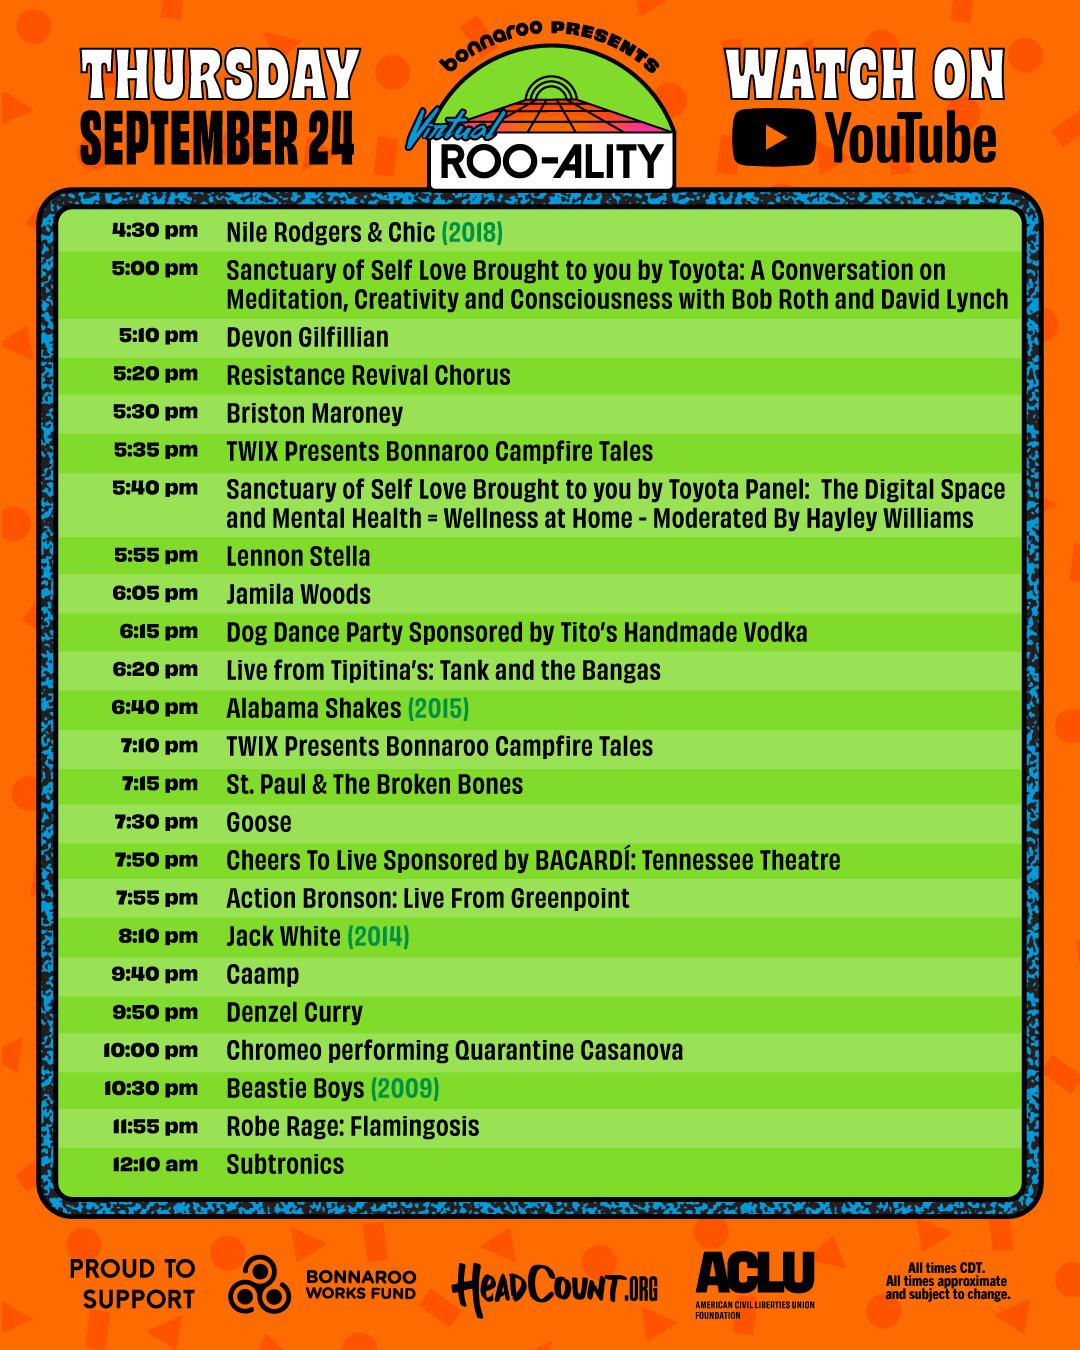 Bonnaroo Thursday schedule